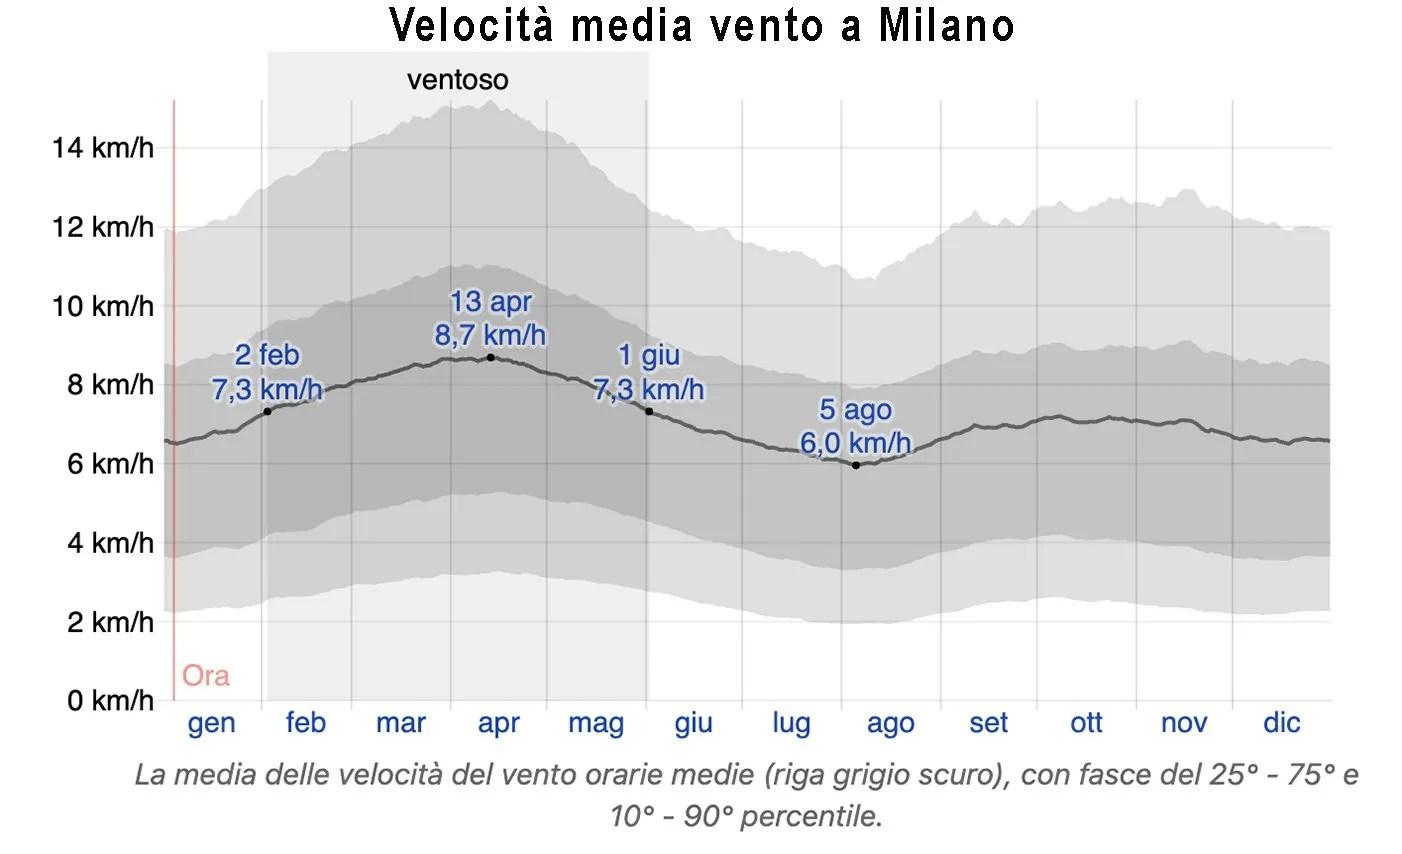 velocità media vento Milano